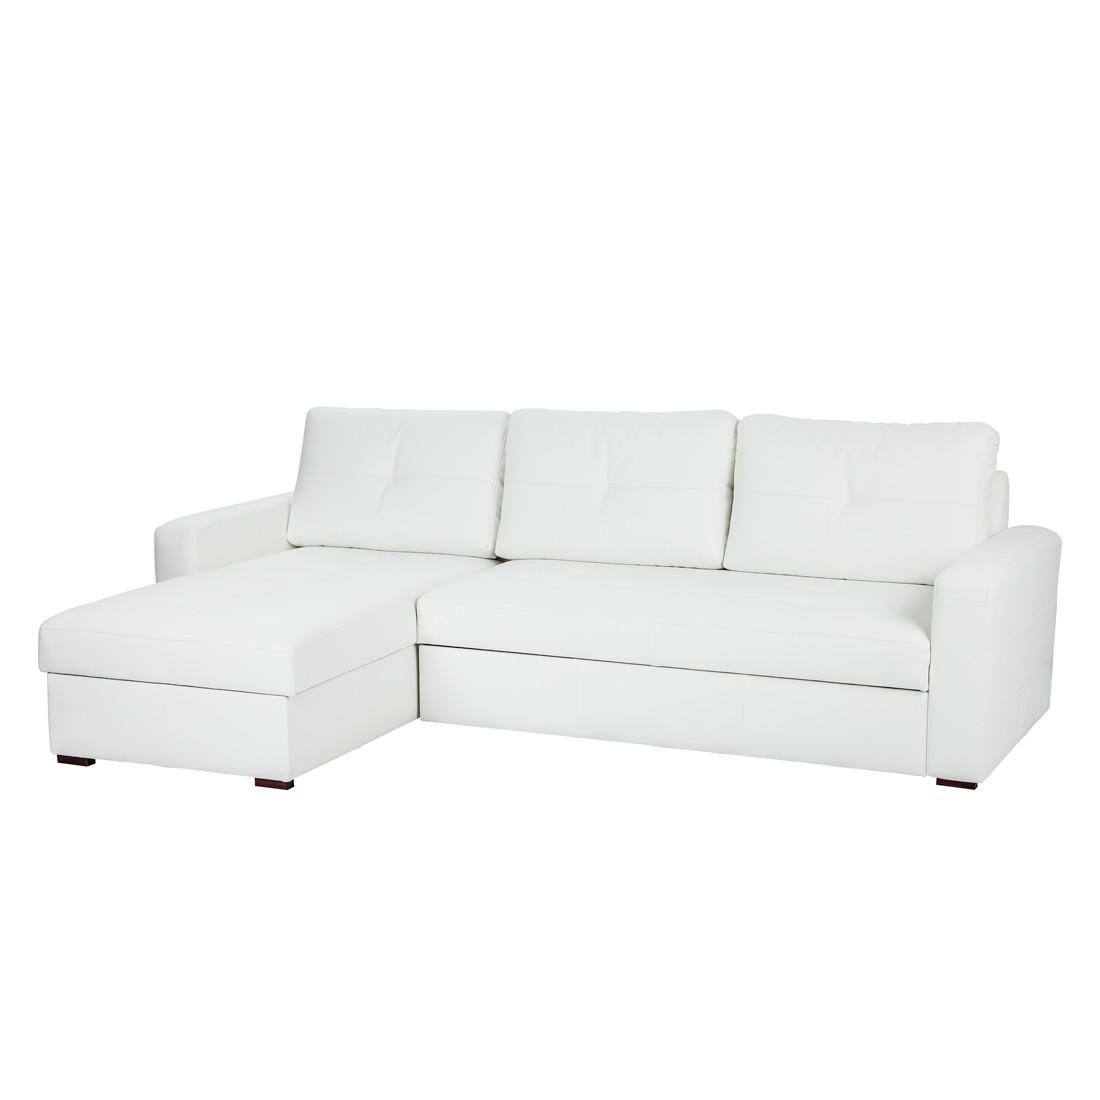 Canapé d'angle Cavolo (avec fonction couchage) - Imitation cuir blanc - Méridienne montable à gauche